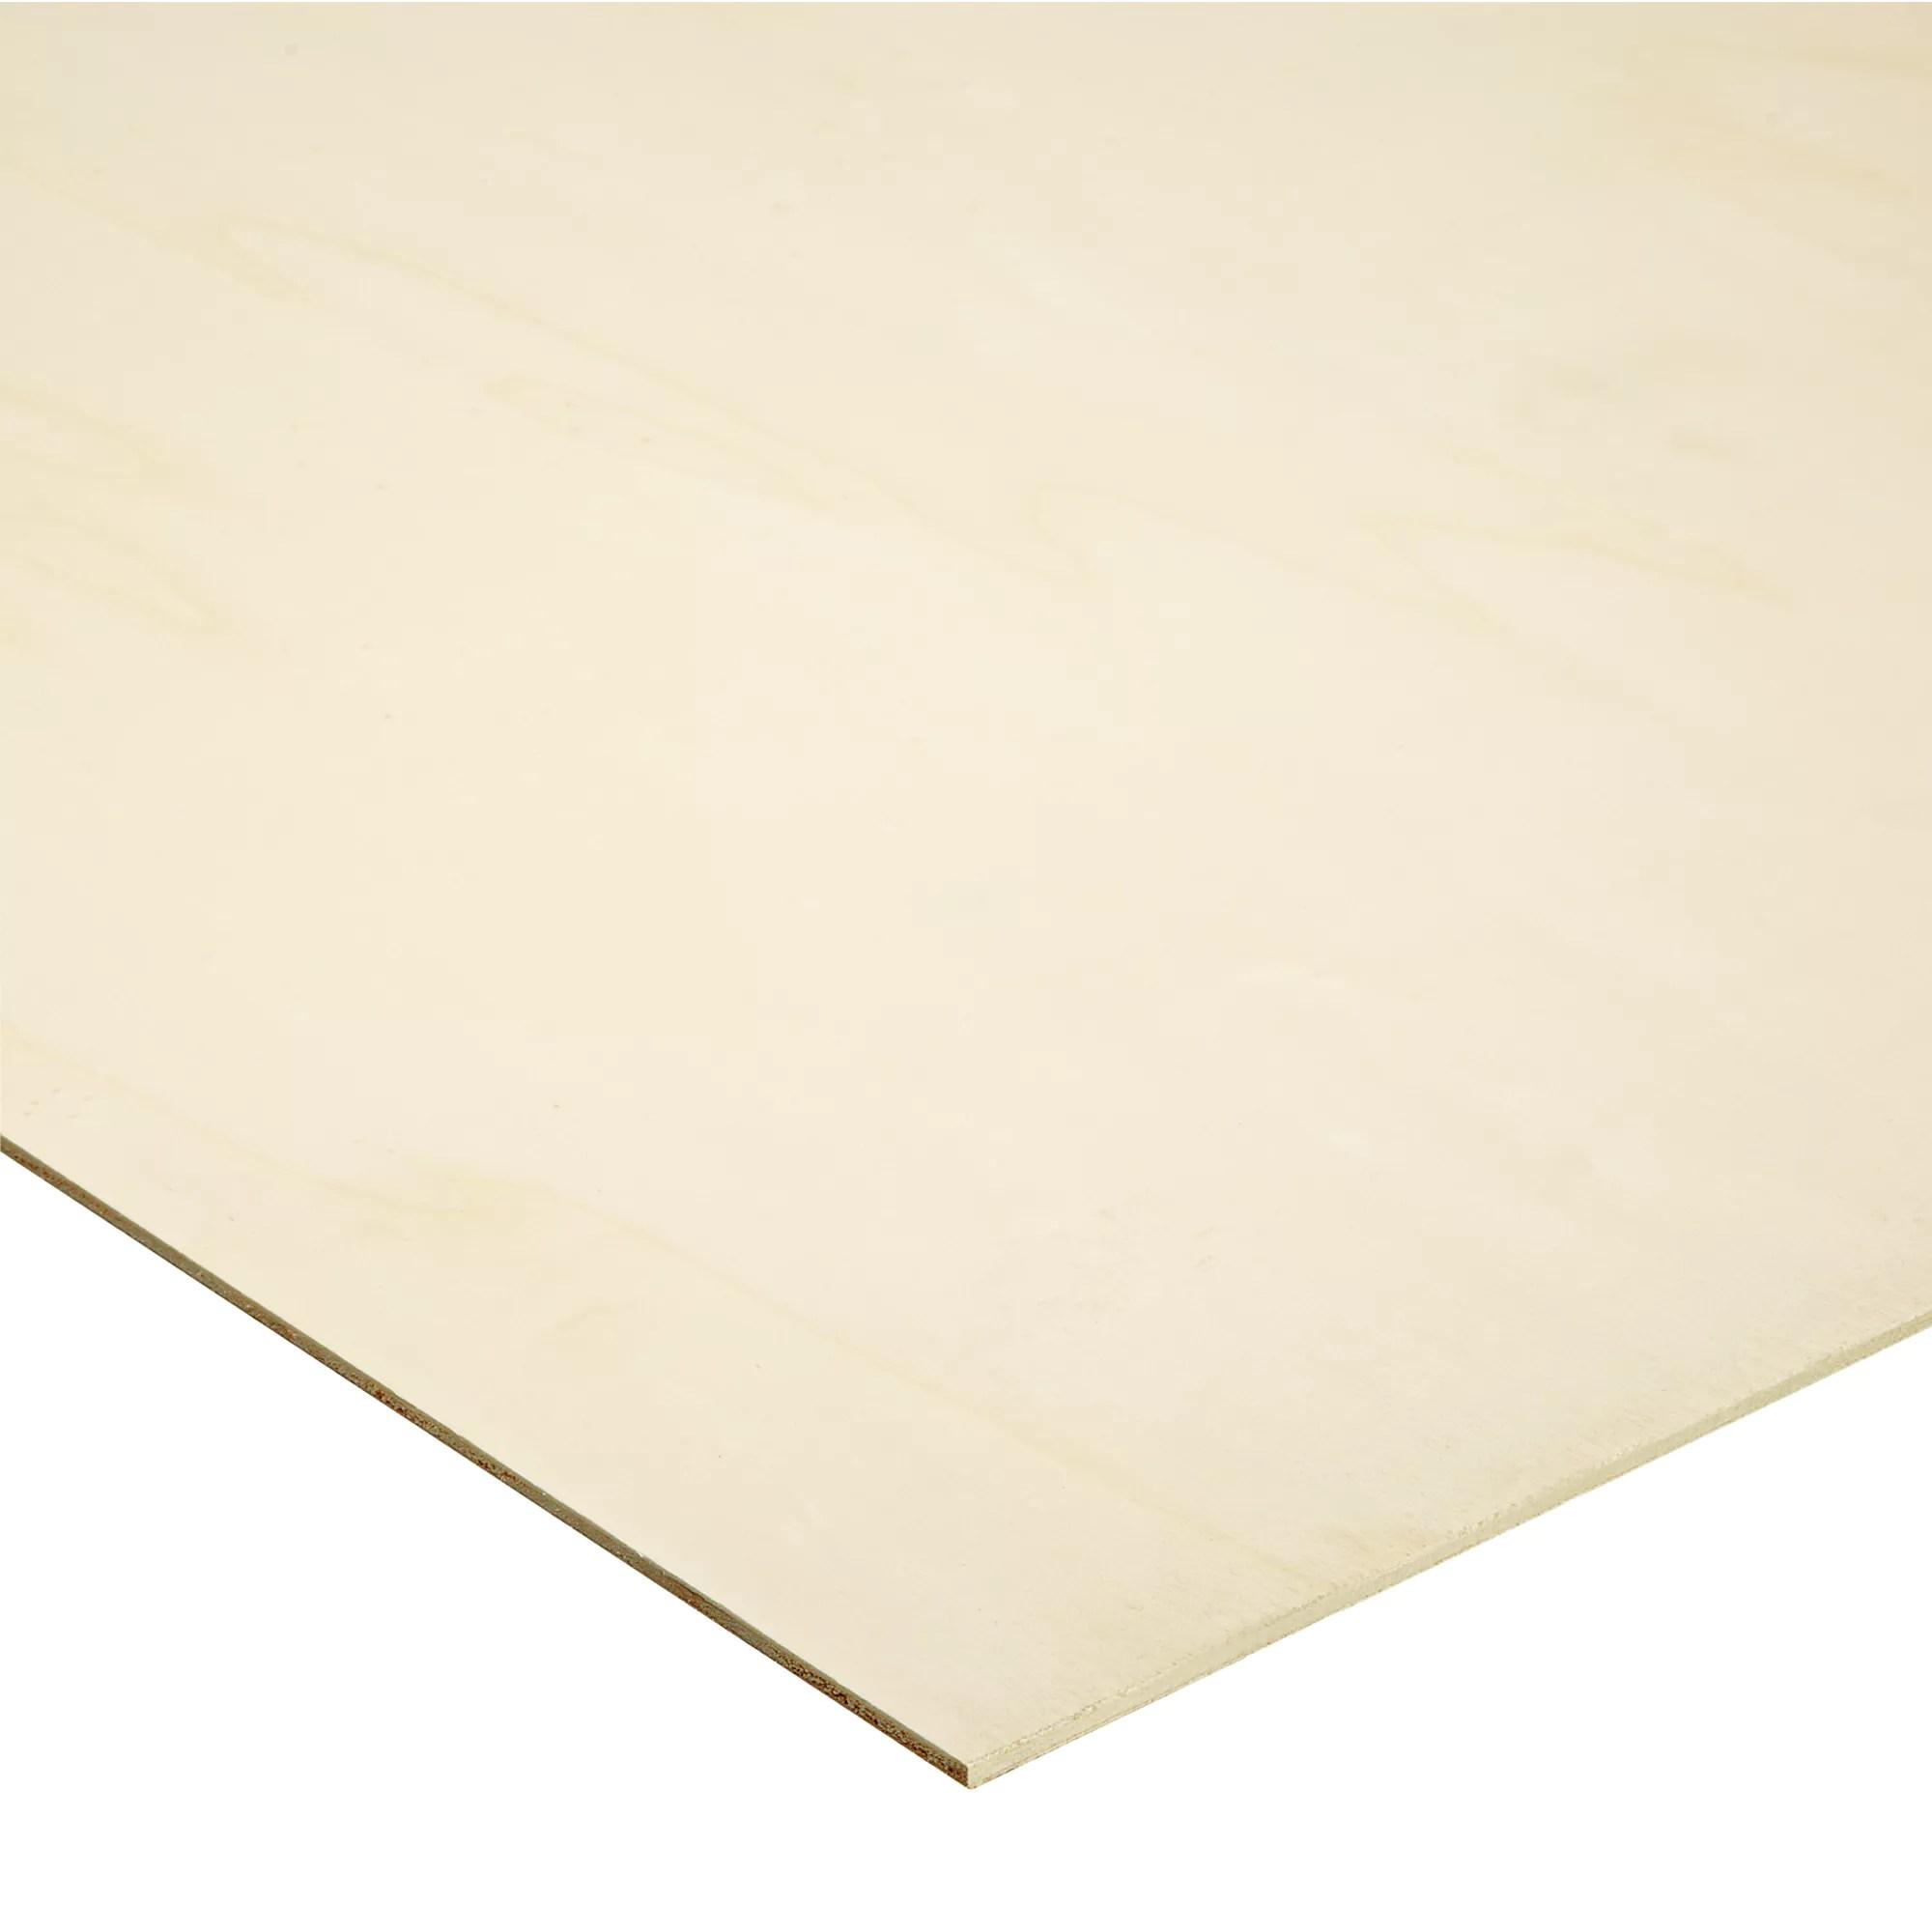 Sperrholzplatte Pappel 1200 X 600 X 6 Mm ǀ Toom Baumarkt